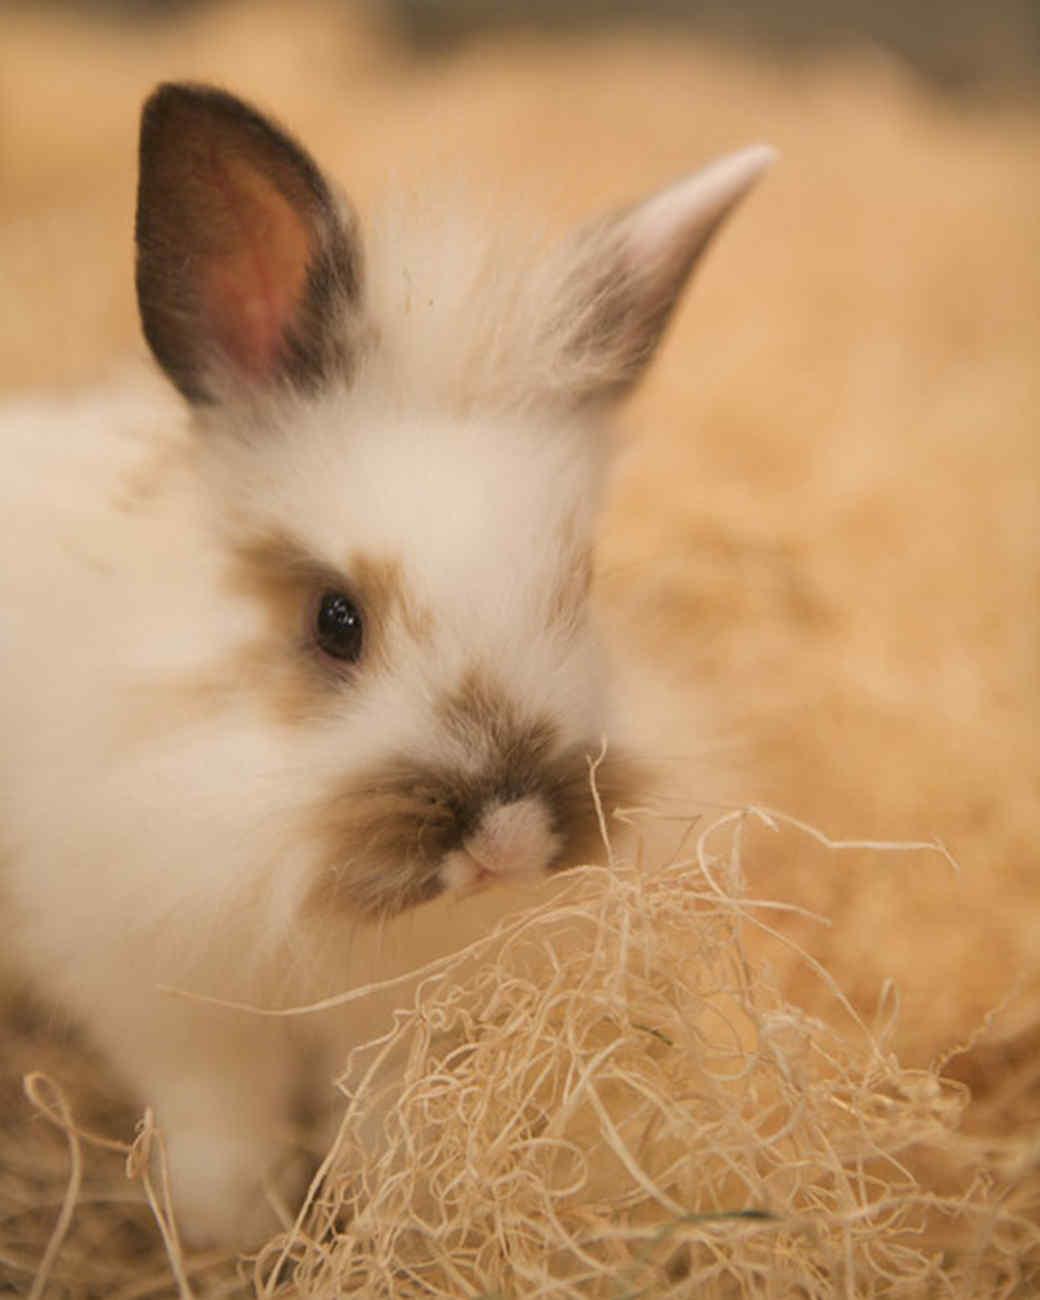 m4126_bunnies124.jpg